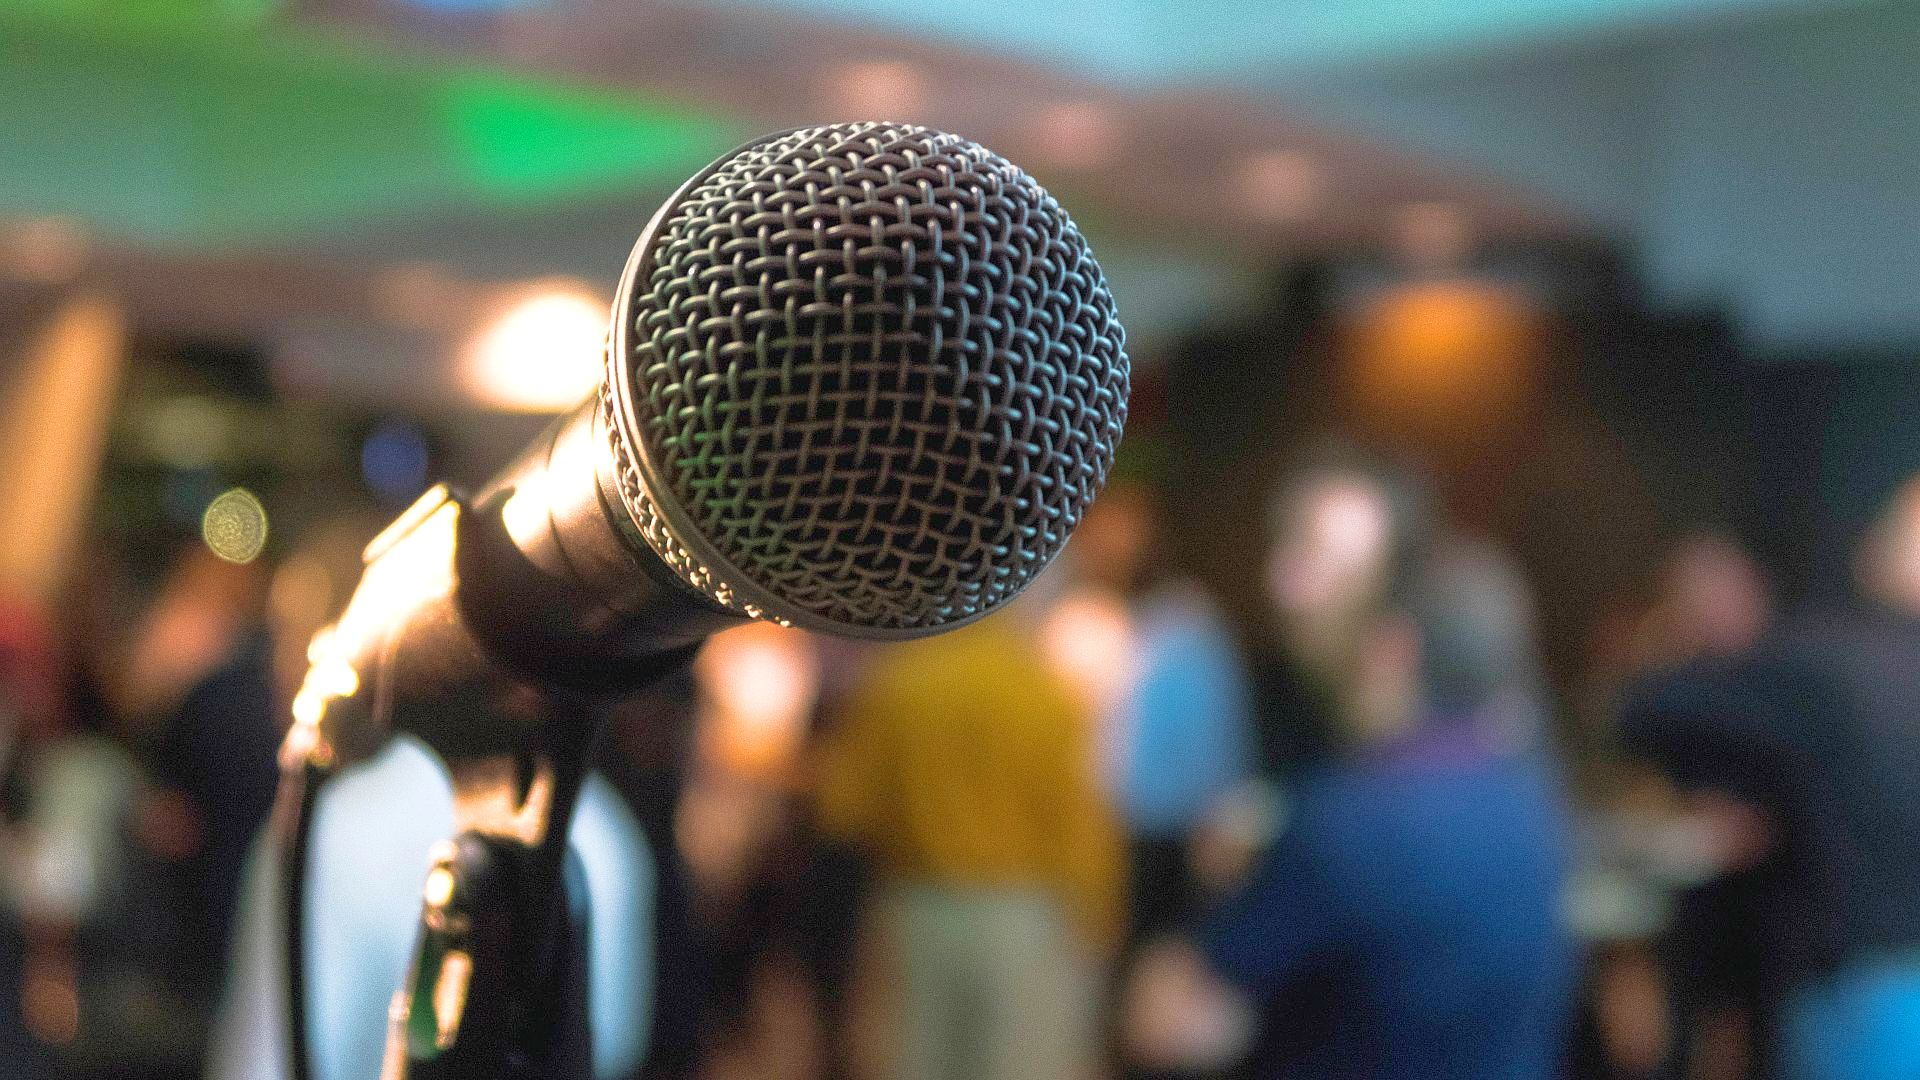 Gzocht: professionals, onderzoekers of app-ontwikkelaars die een flitspresentatie willen geven op congres 16 november over Juiste Zorg op de Juiste Plek.